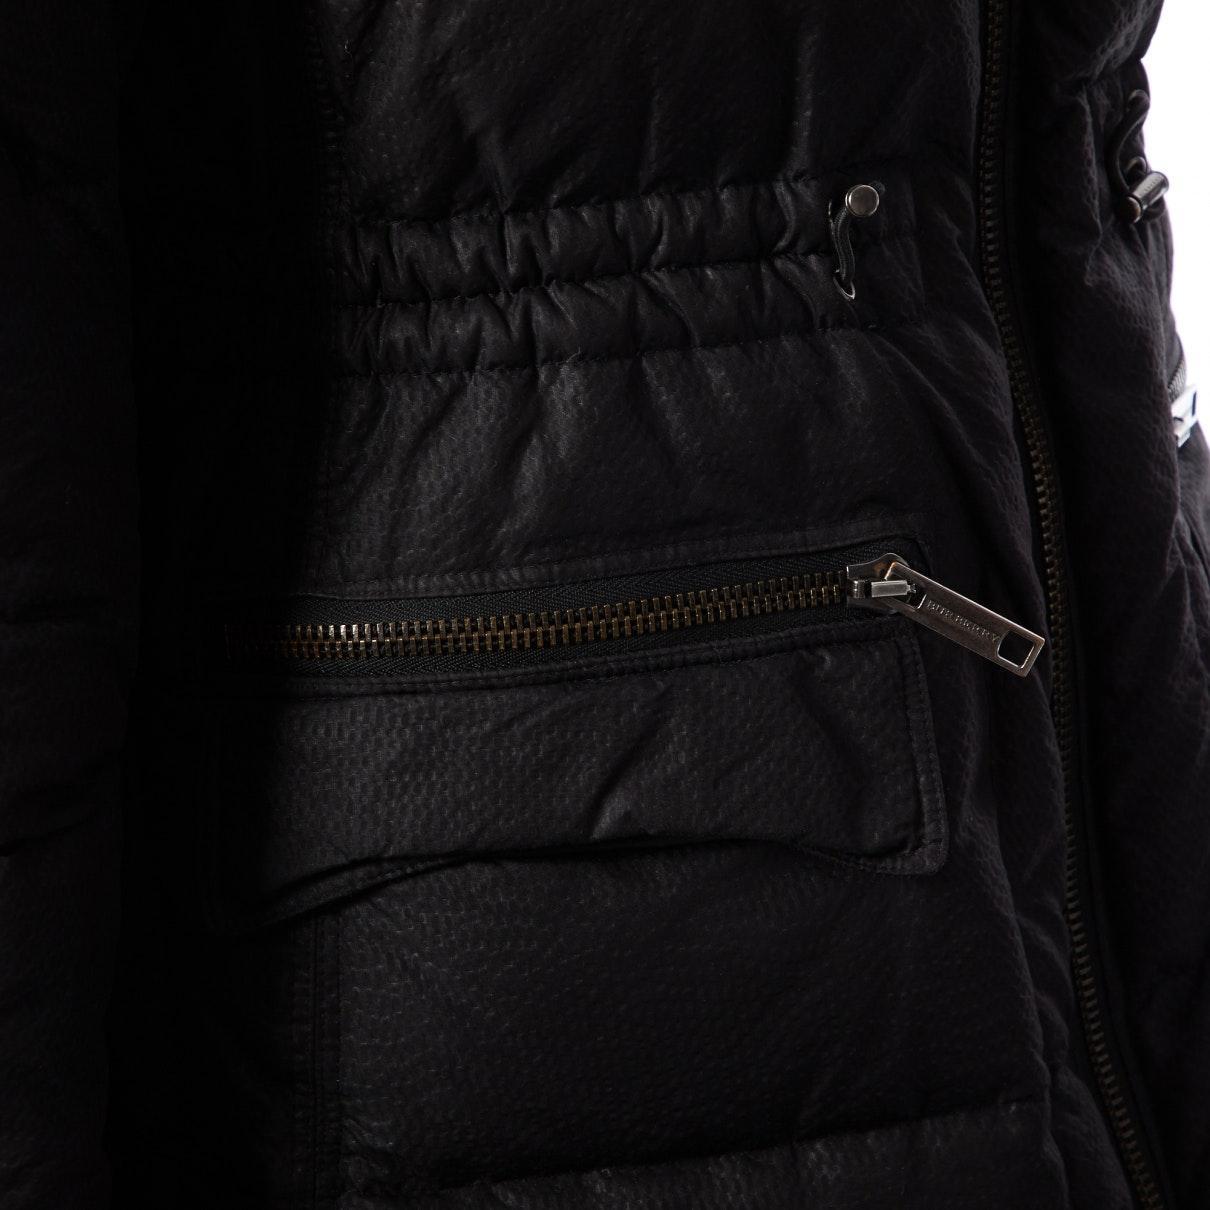 Mantel en Synthétique Noir Synthétique Burberry en coloris Noir 1sSB1